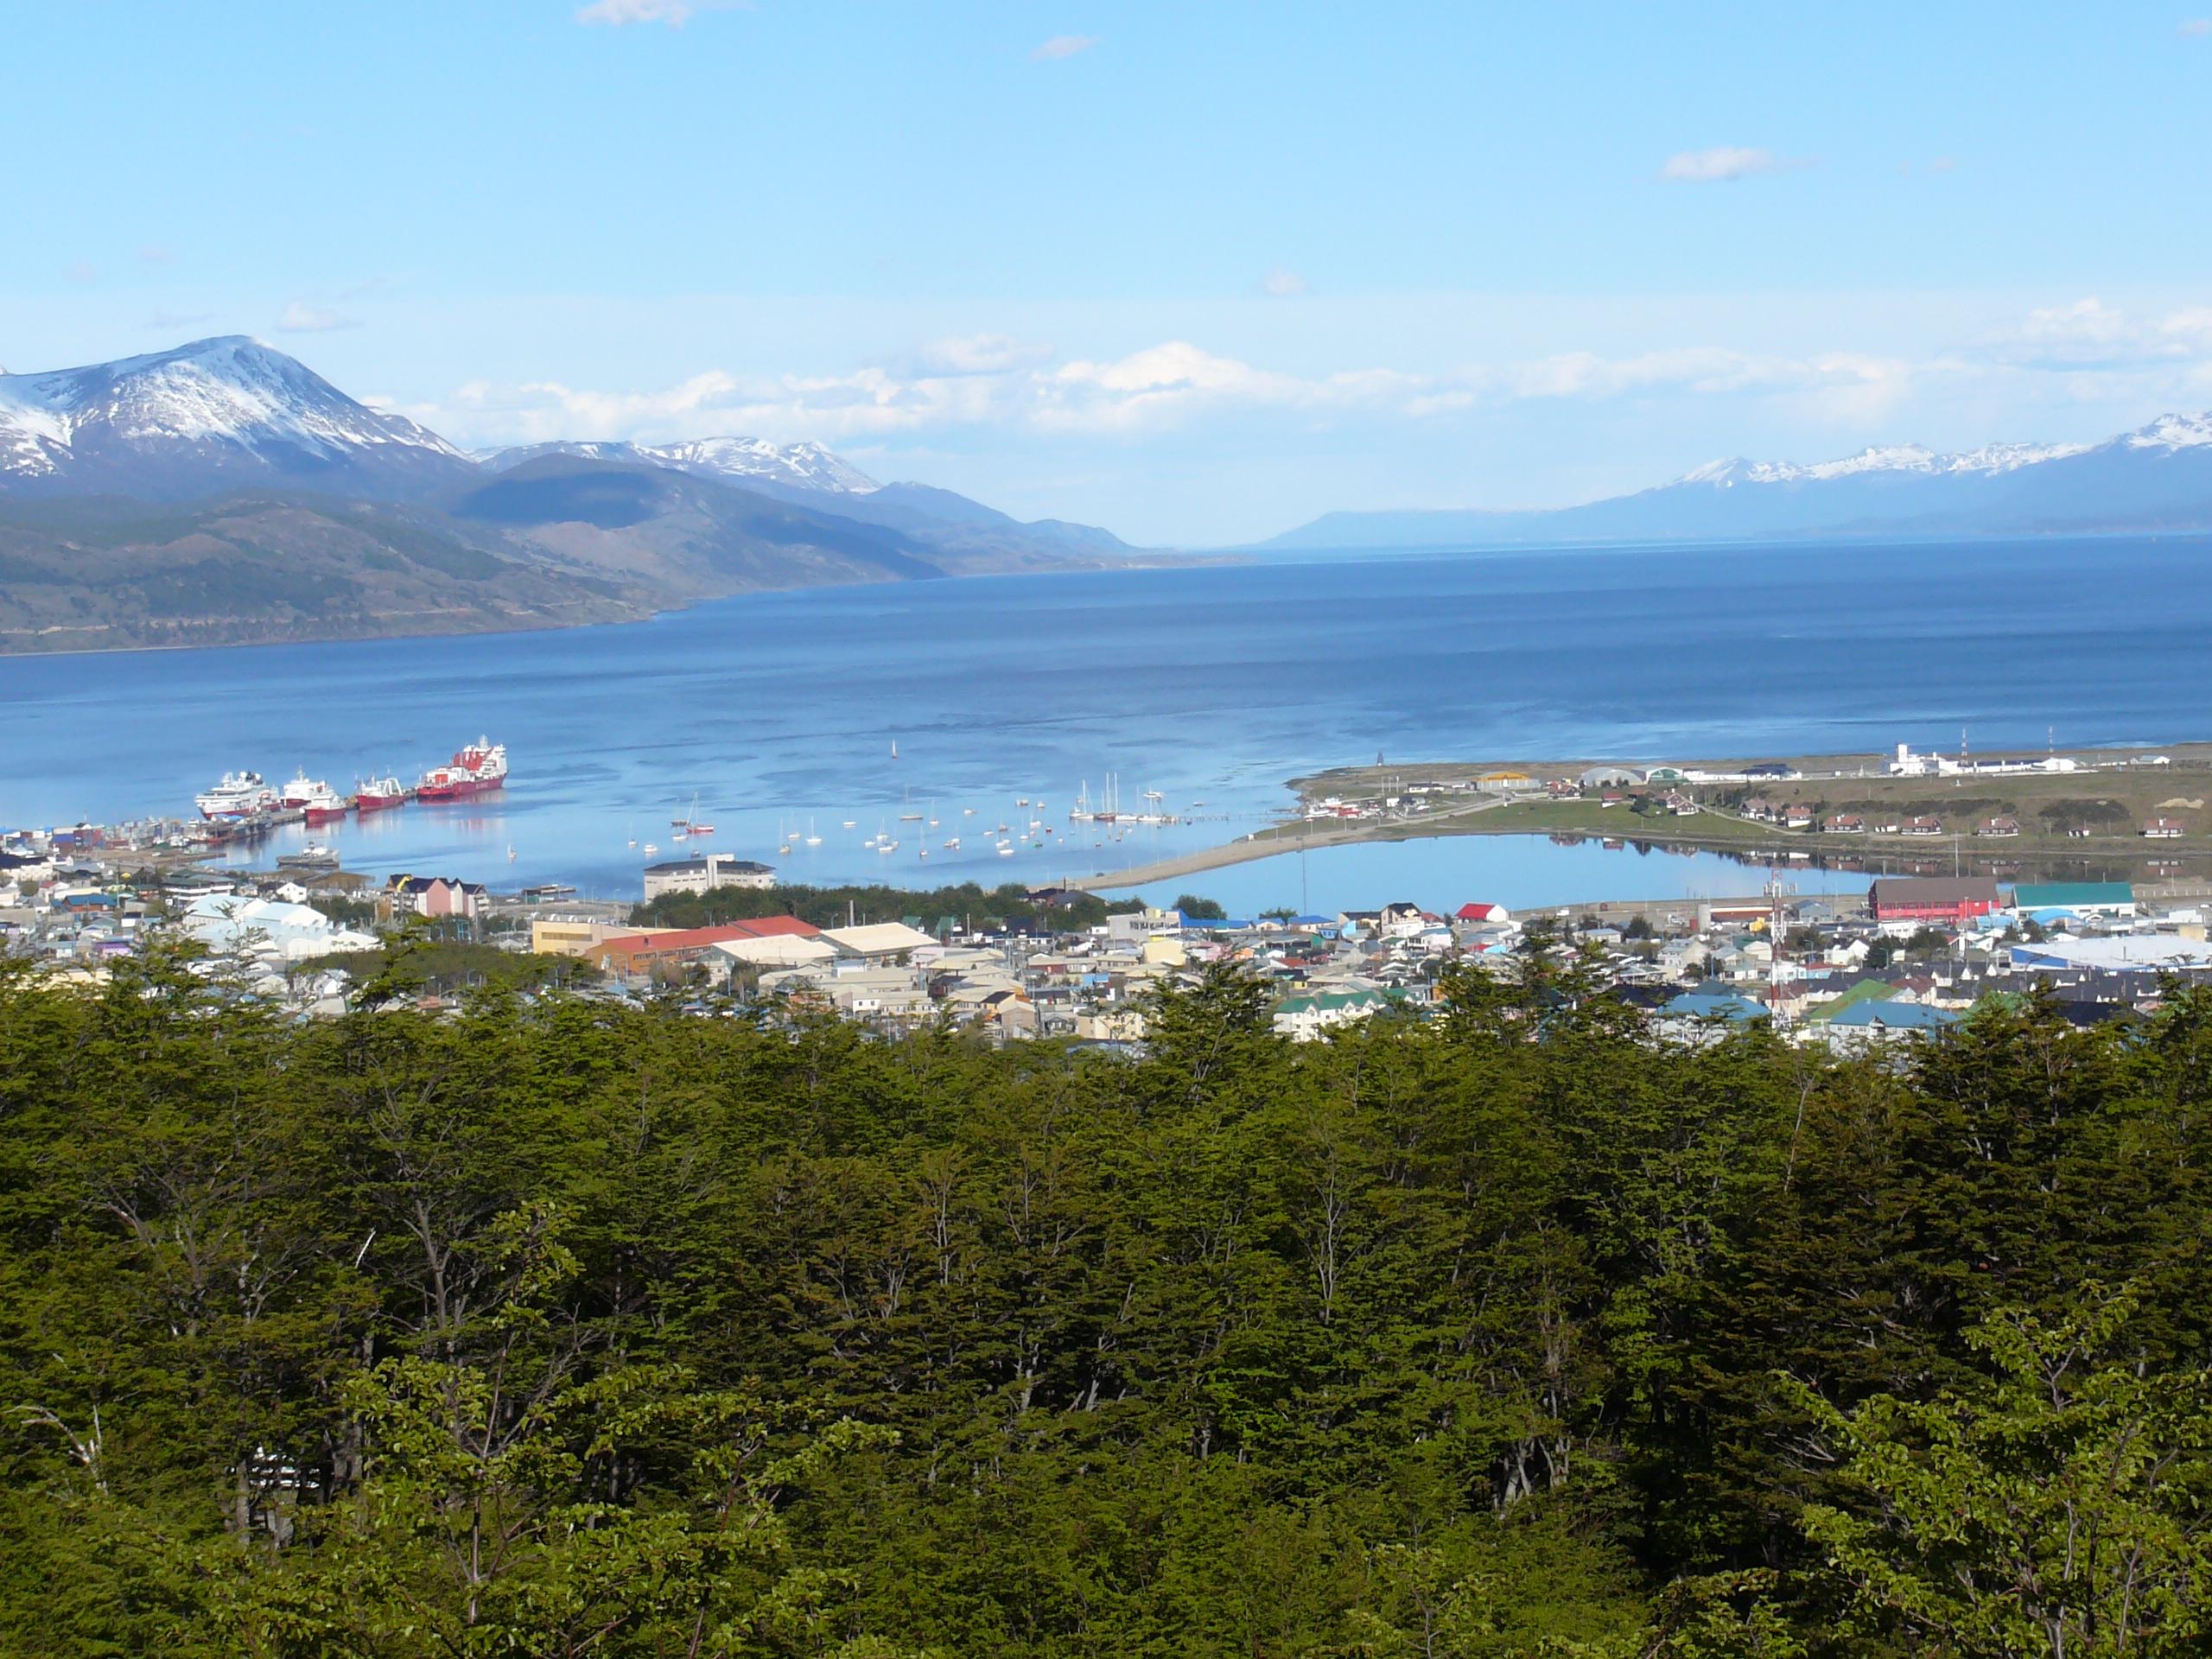 Le Sud de la Patagonie Argentine et Chili